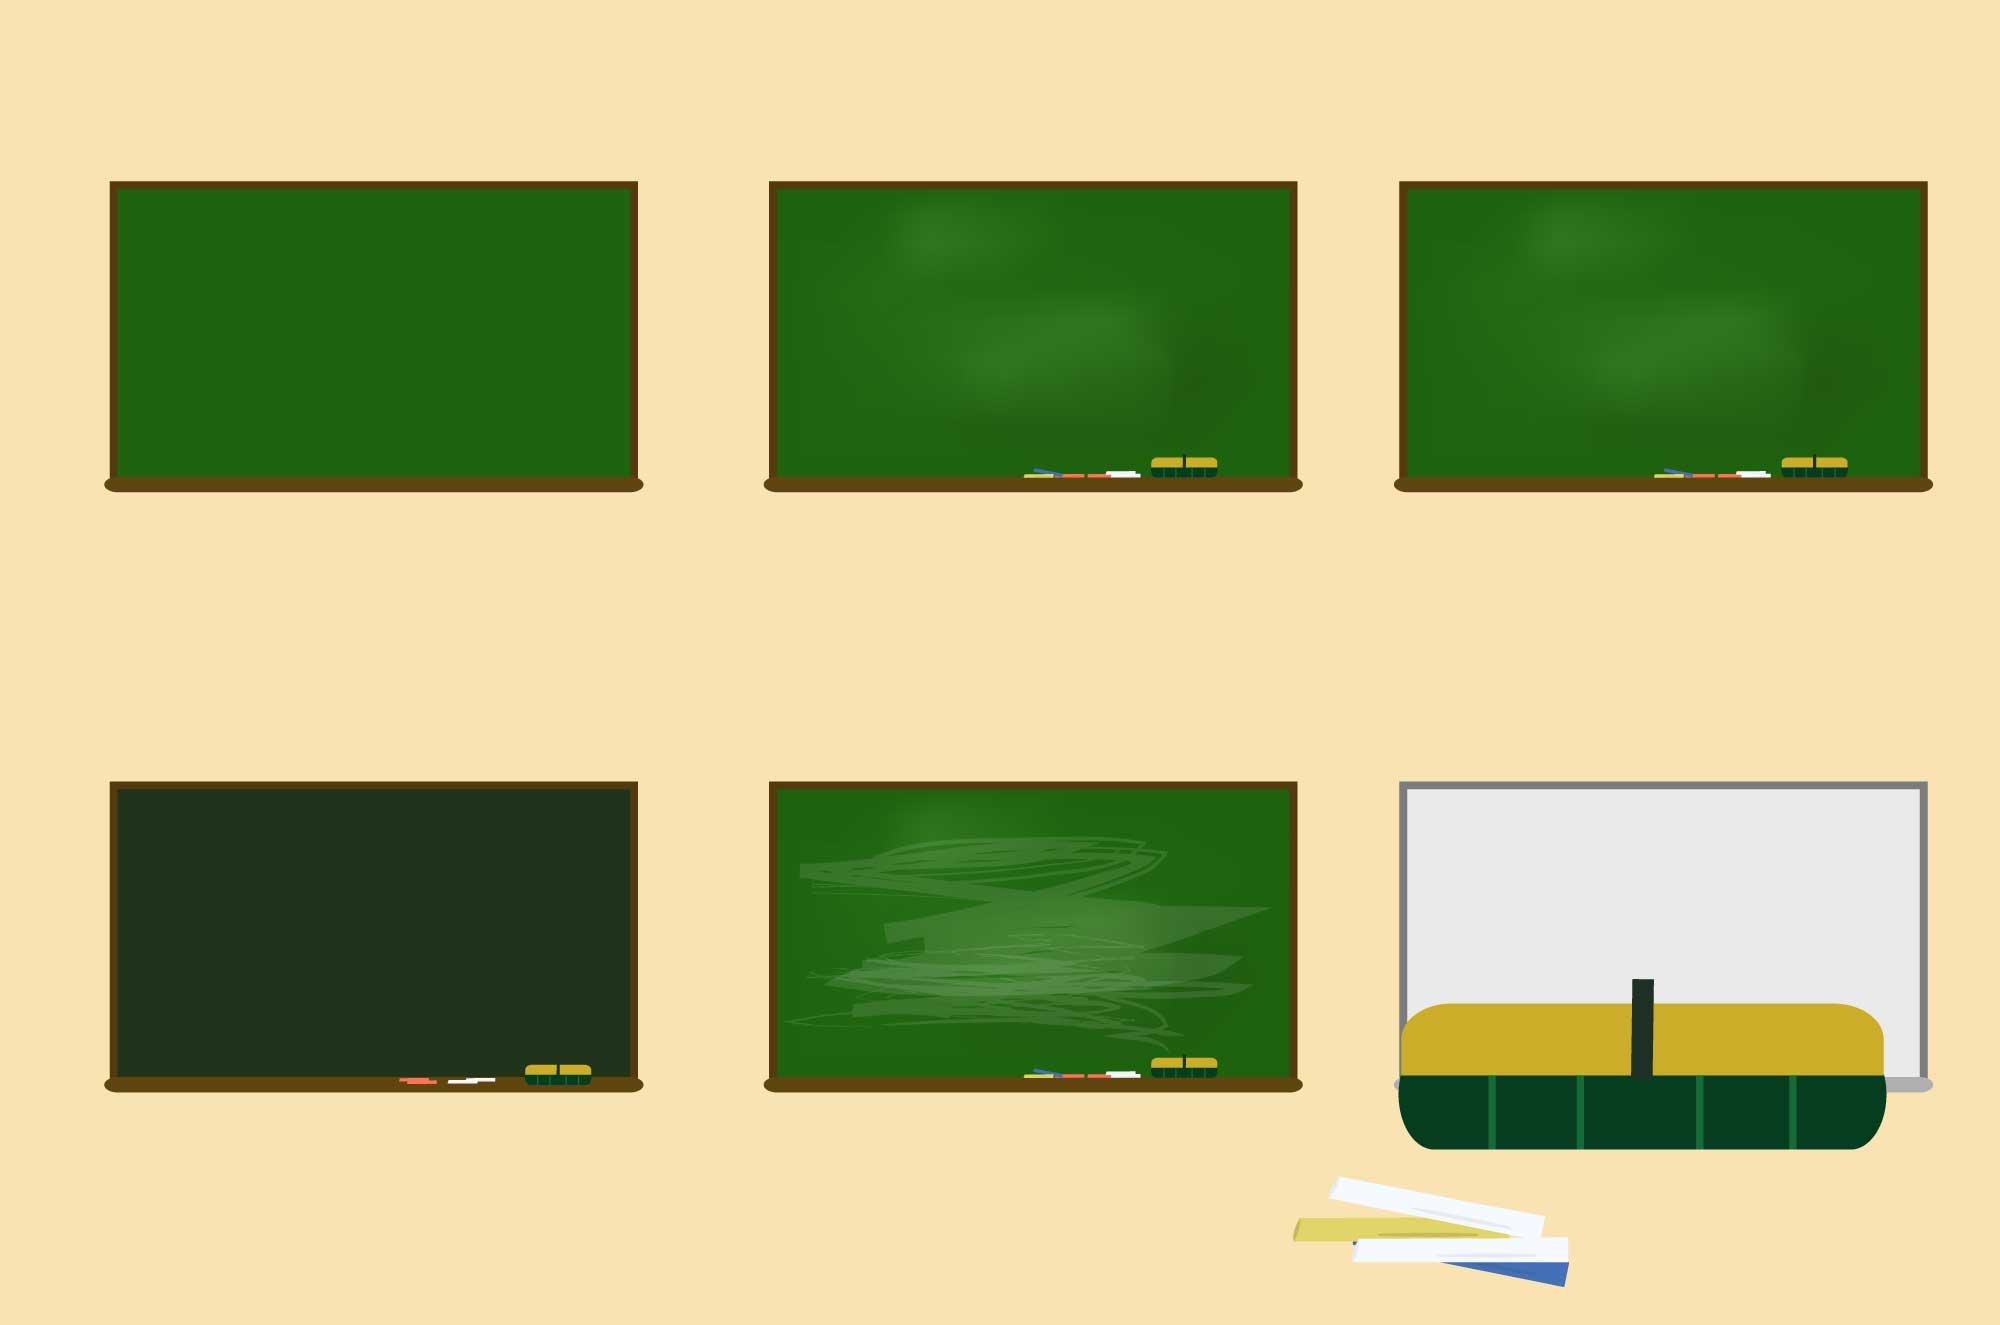 黒板の無料イラスト - 学校のイメージ・デザイン素材